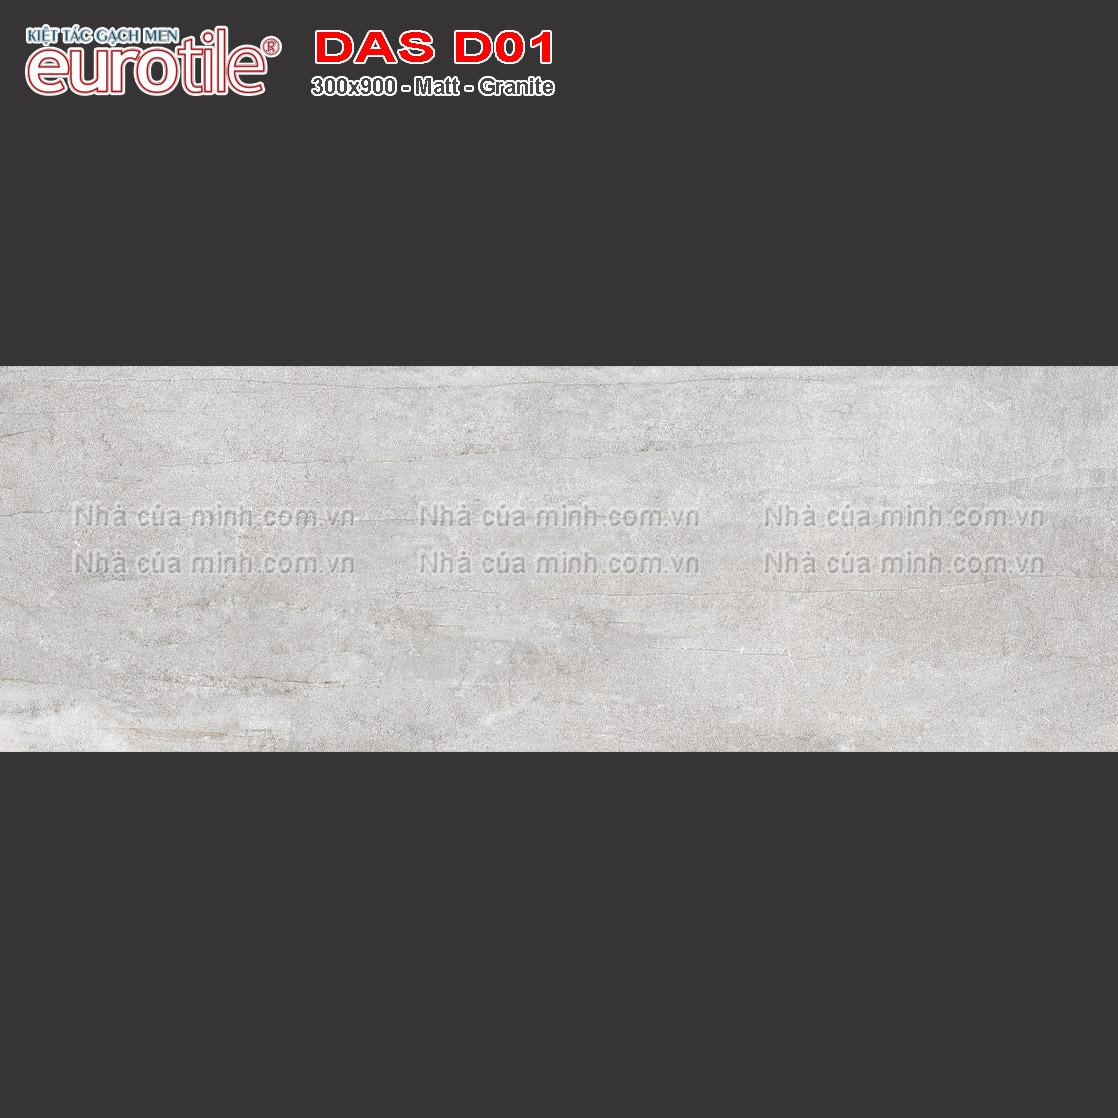 Gạch 300x900 Eurotile Đăng Sơn DAS D01 giá rẻ